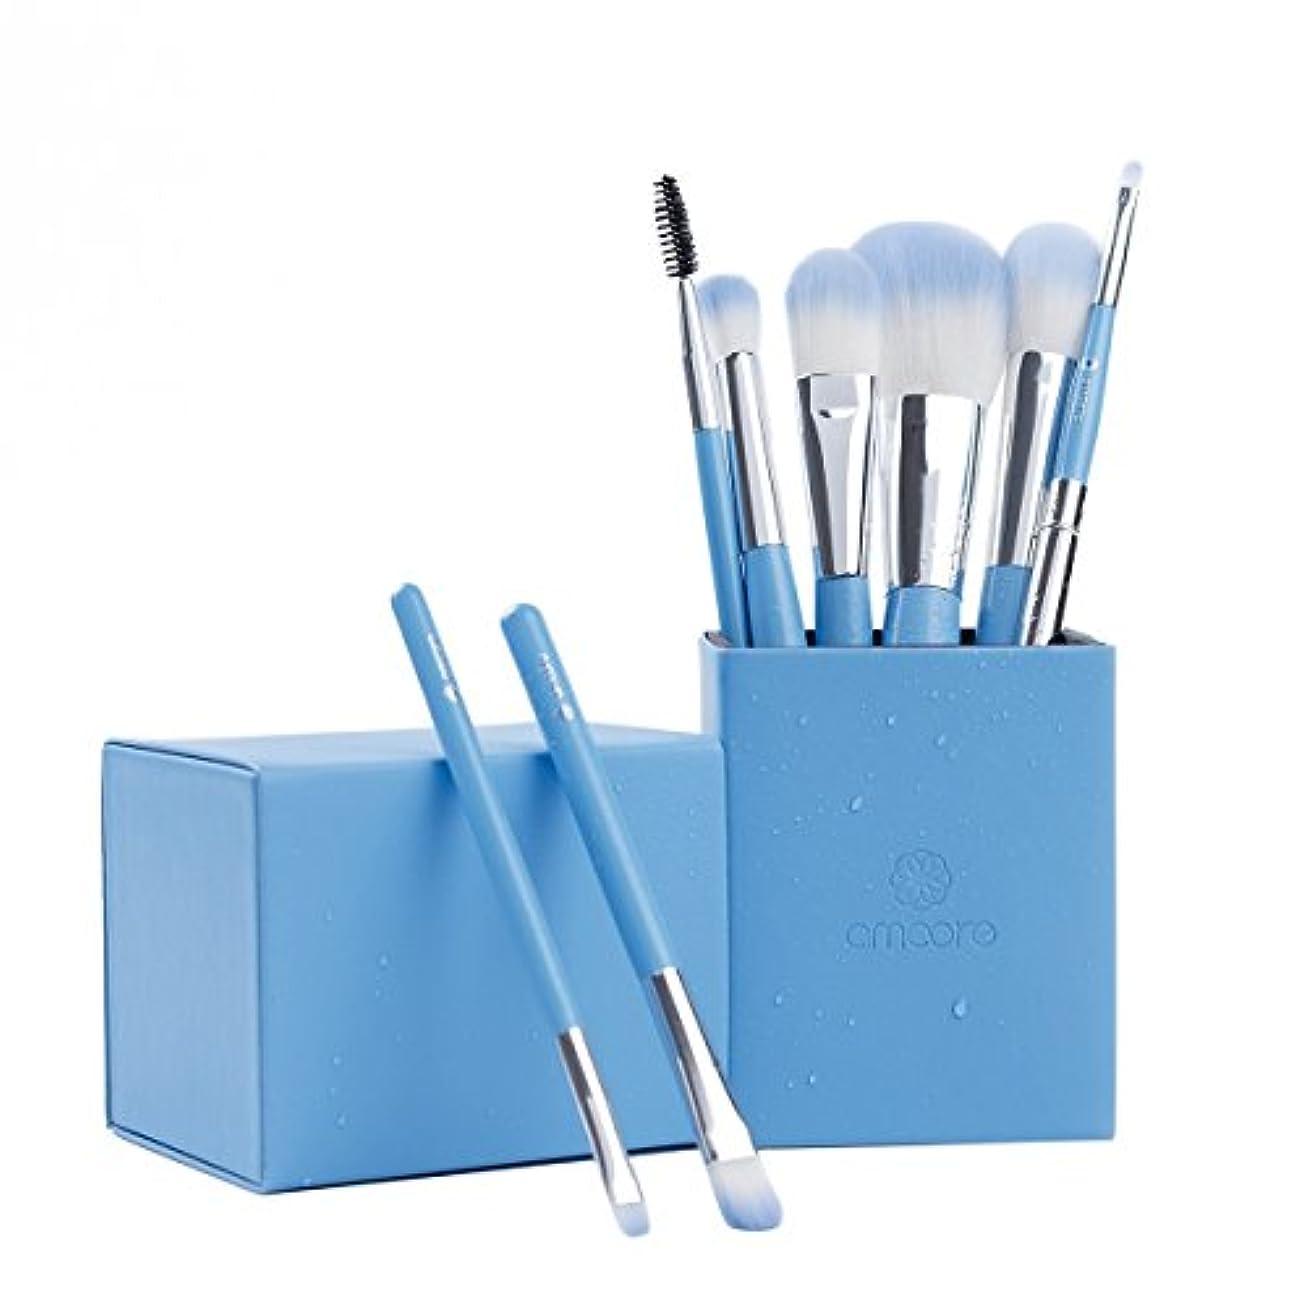 パターン合成将来のamoore 化粧筆 メイクブラシセット 化粧ブラシ セット コスメ ブラシ 収納ケース付き (8本, 水色)